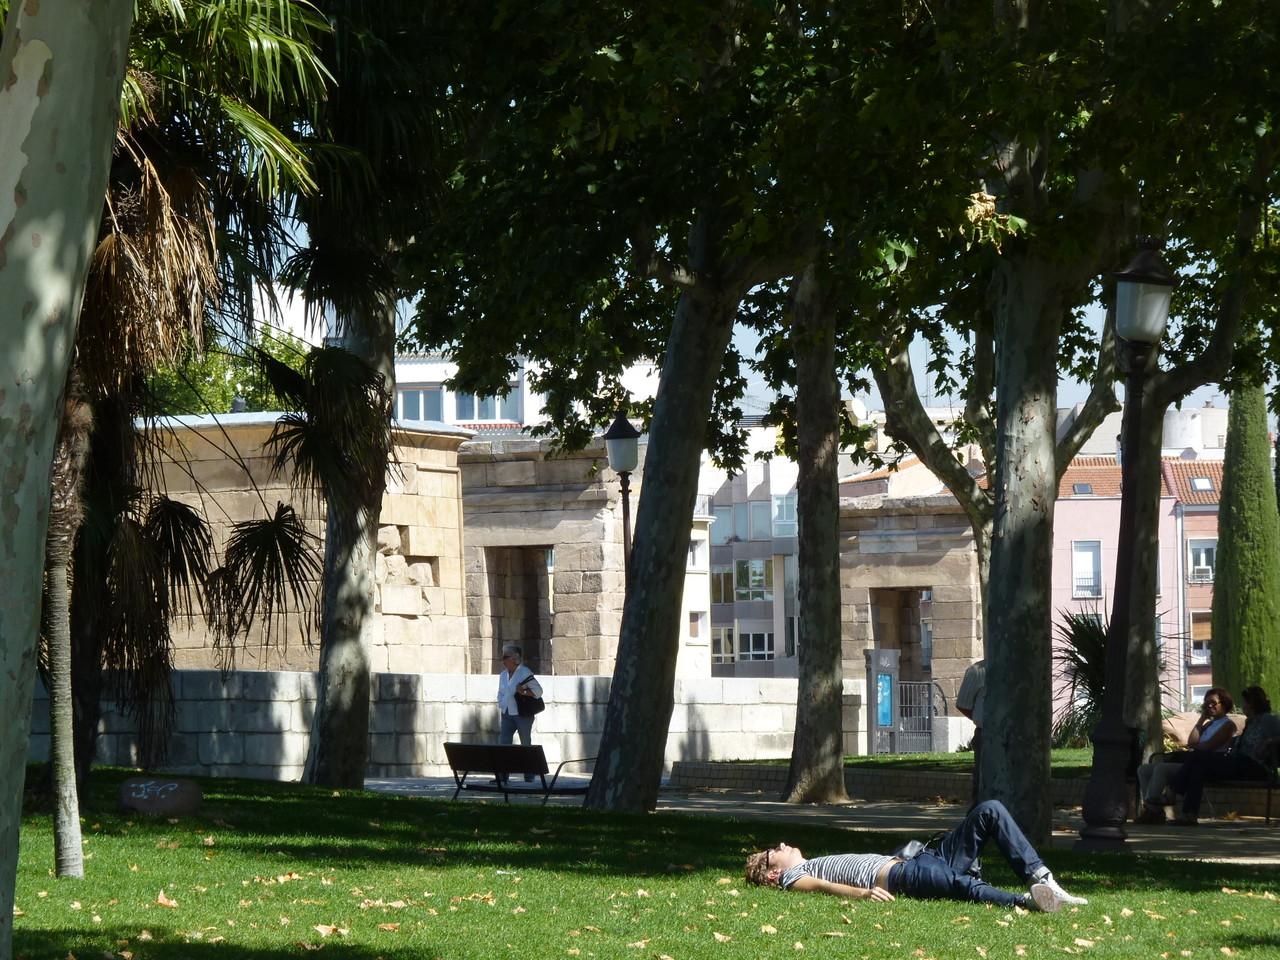 Romântica Madrid-Templo de Debod (3).JPG